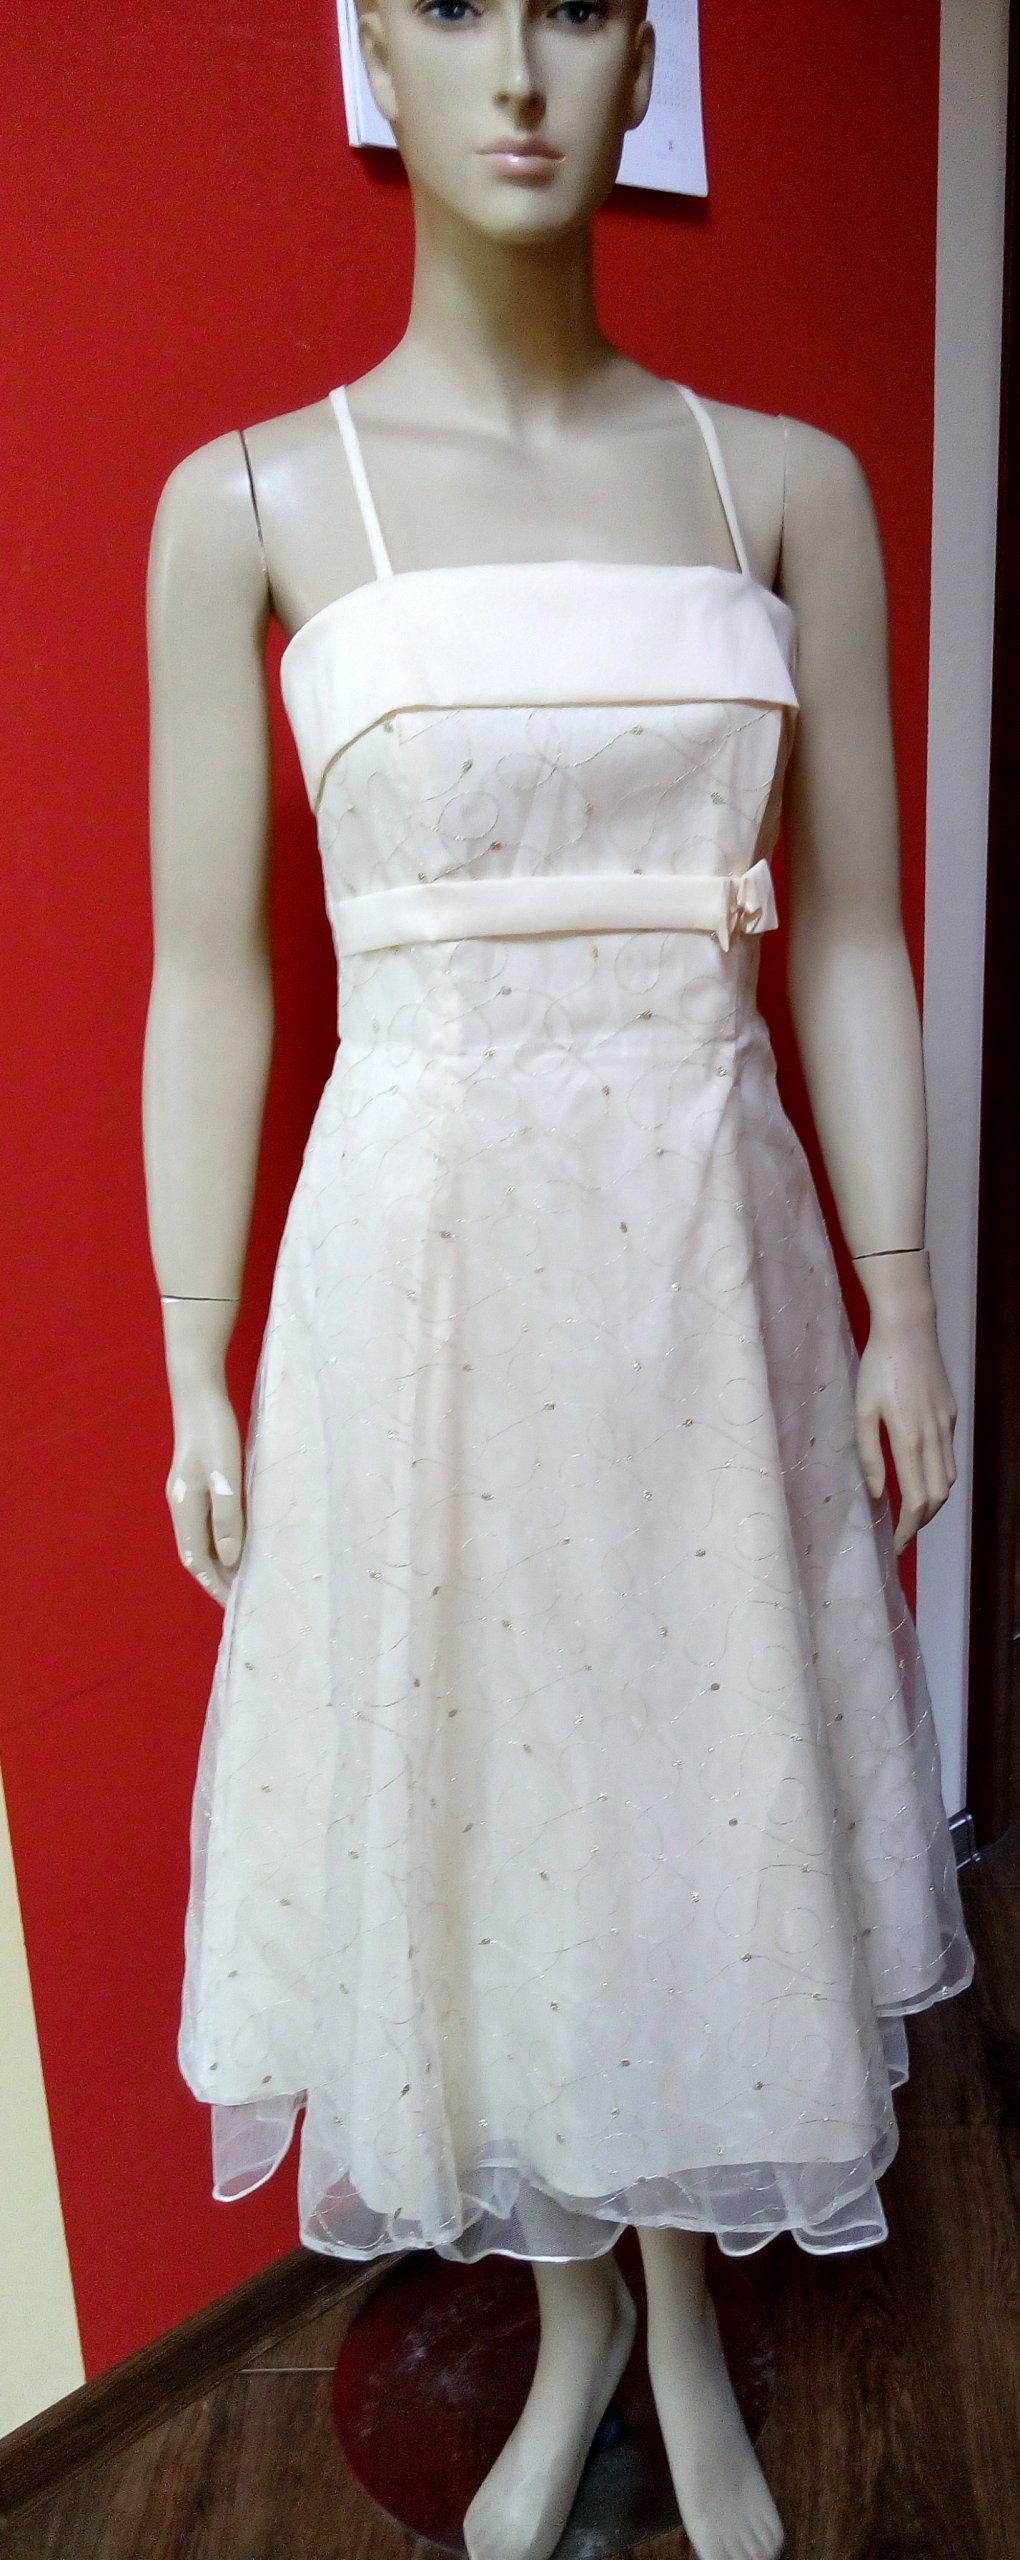 ded89c7adb Elegancka sukienka na wesele okazję ecru 36 38 - 7354411362 ...